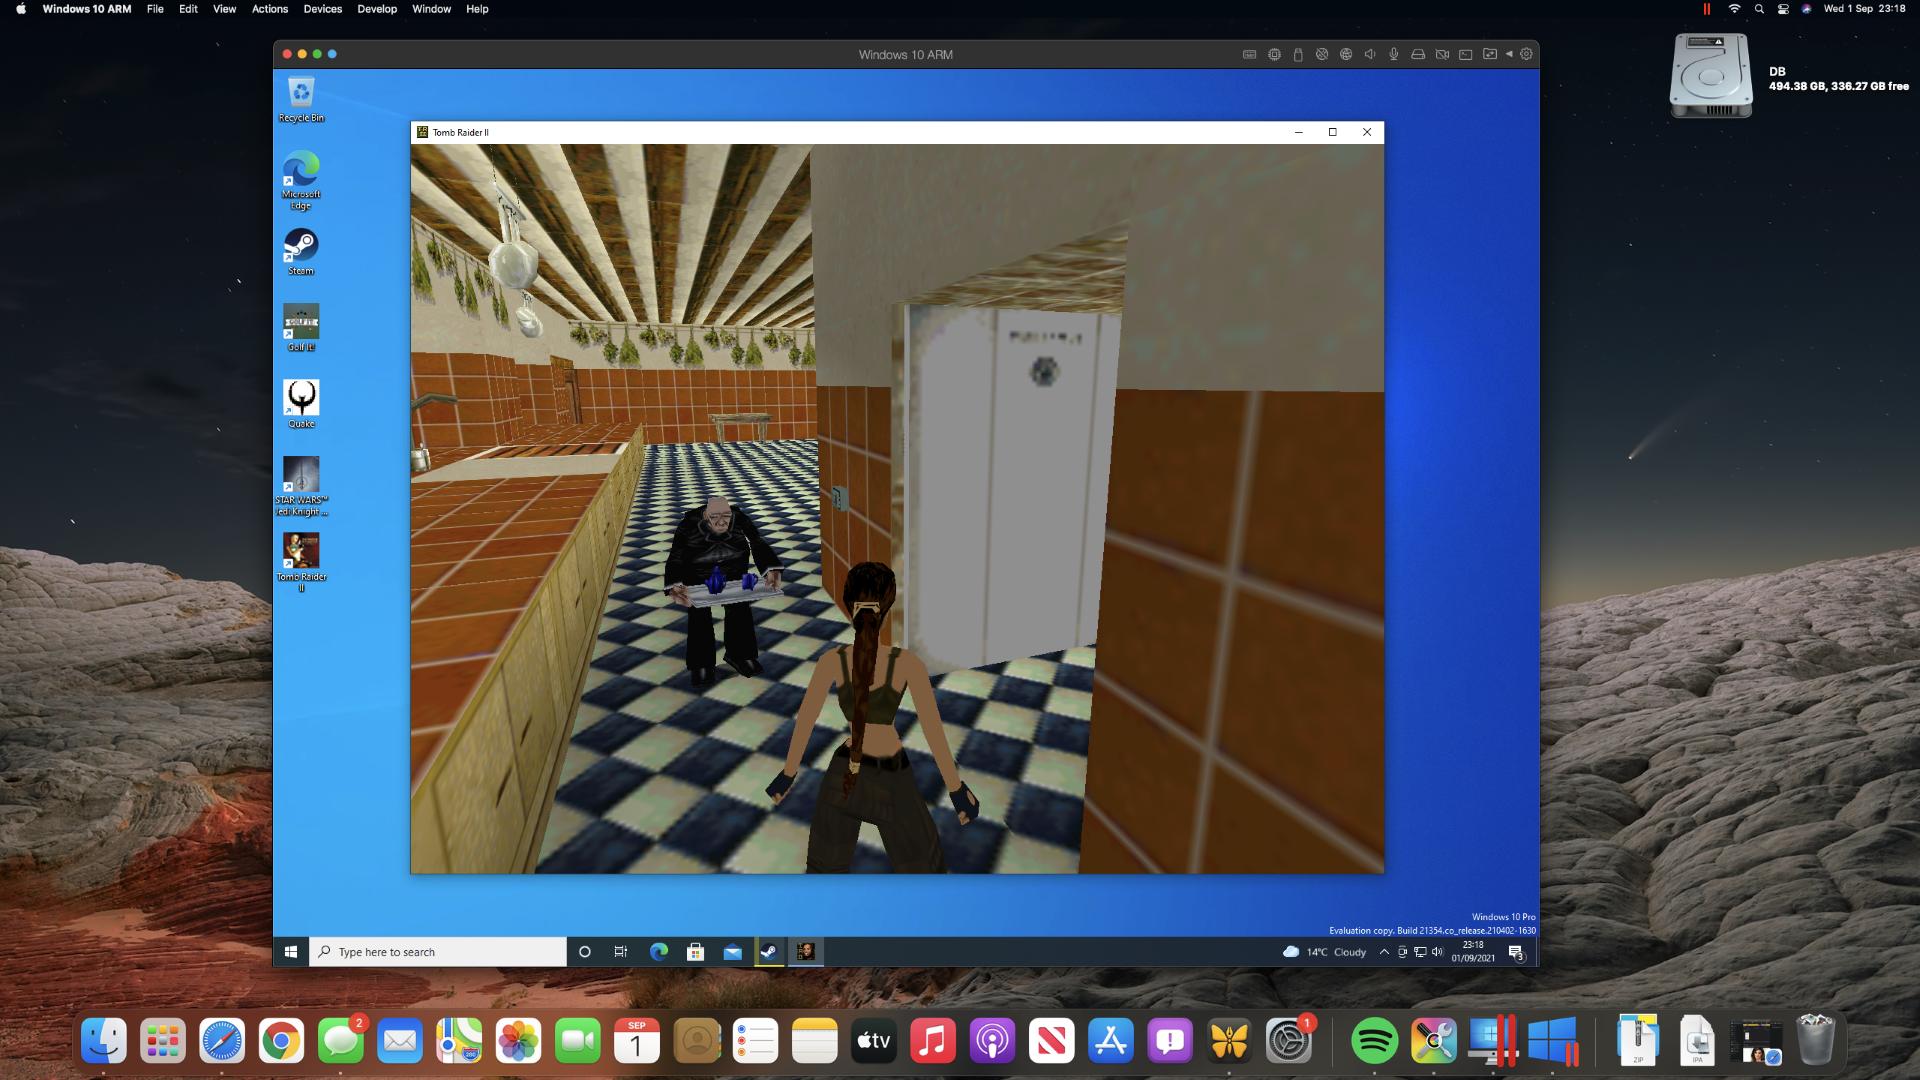 Tomb Raider II en una Mac mini M1 a través de Steam